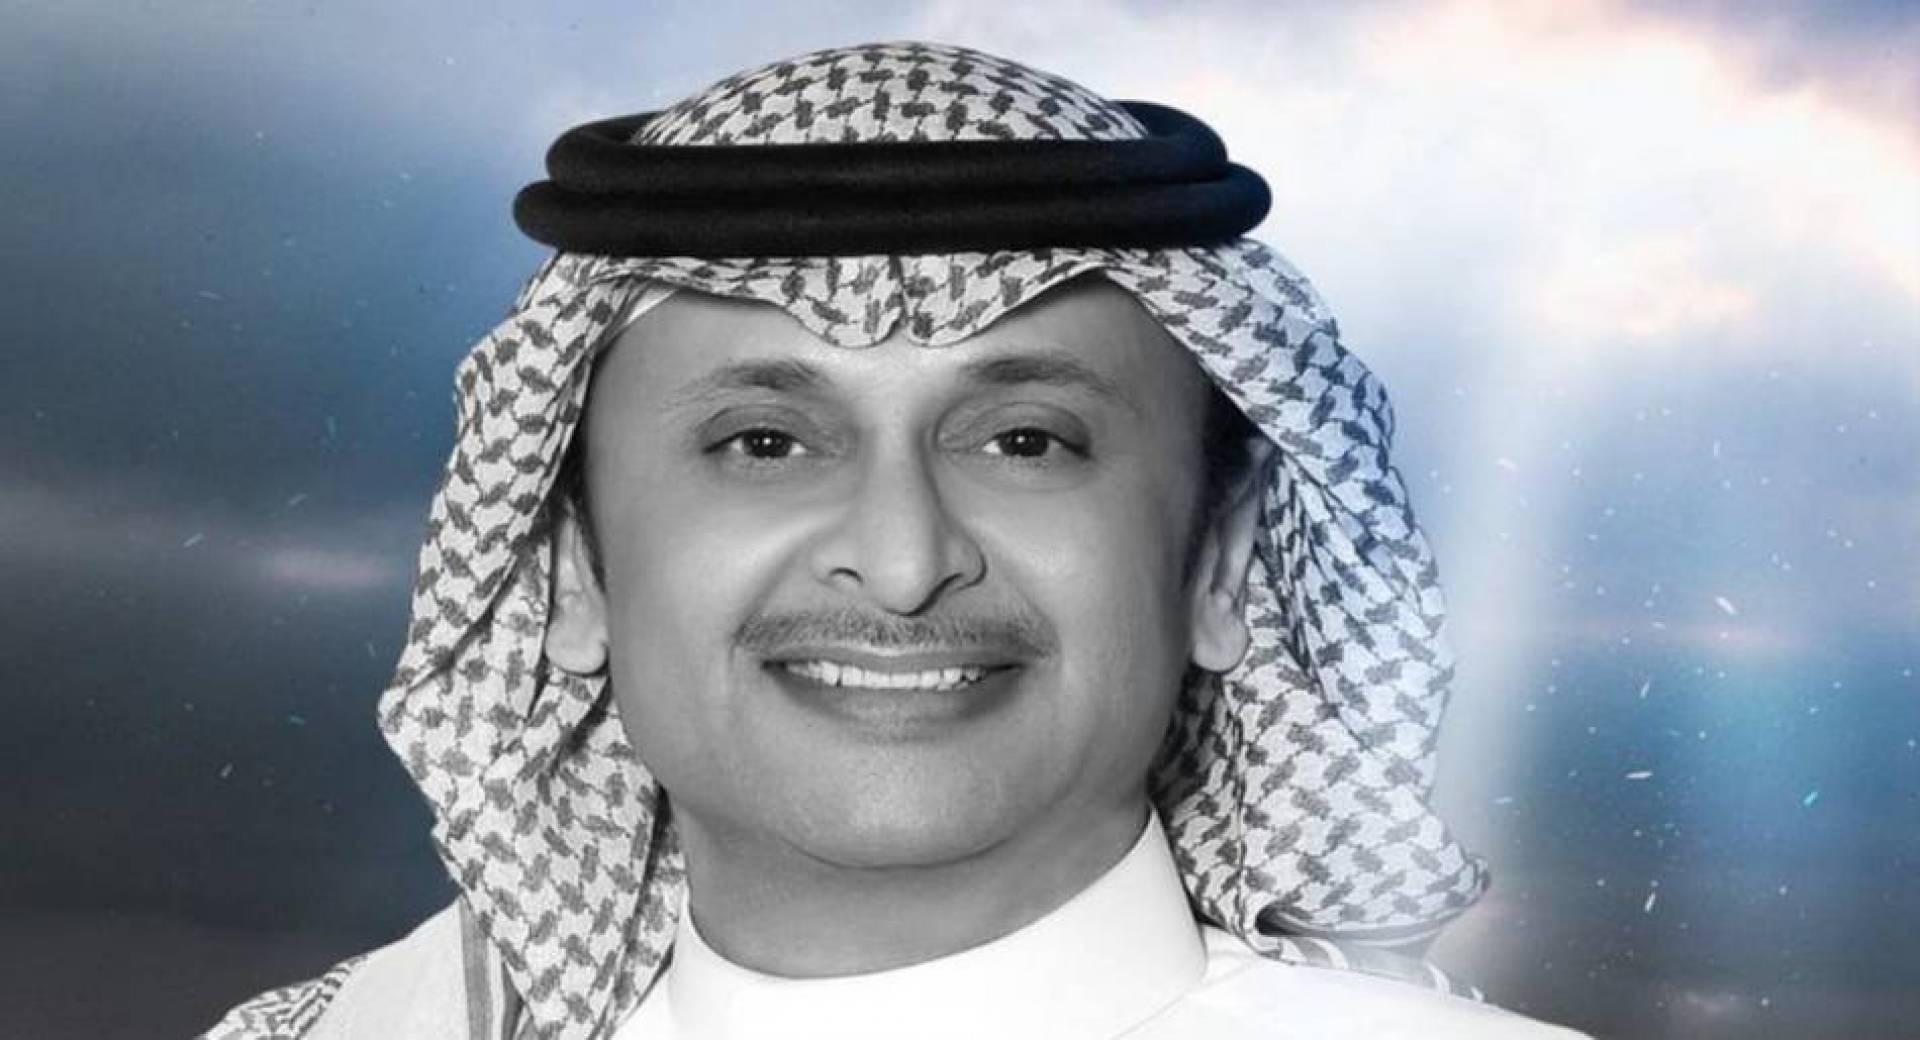 الفنان عبد المجيد عبدالله